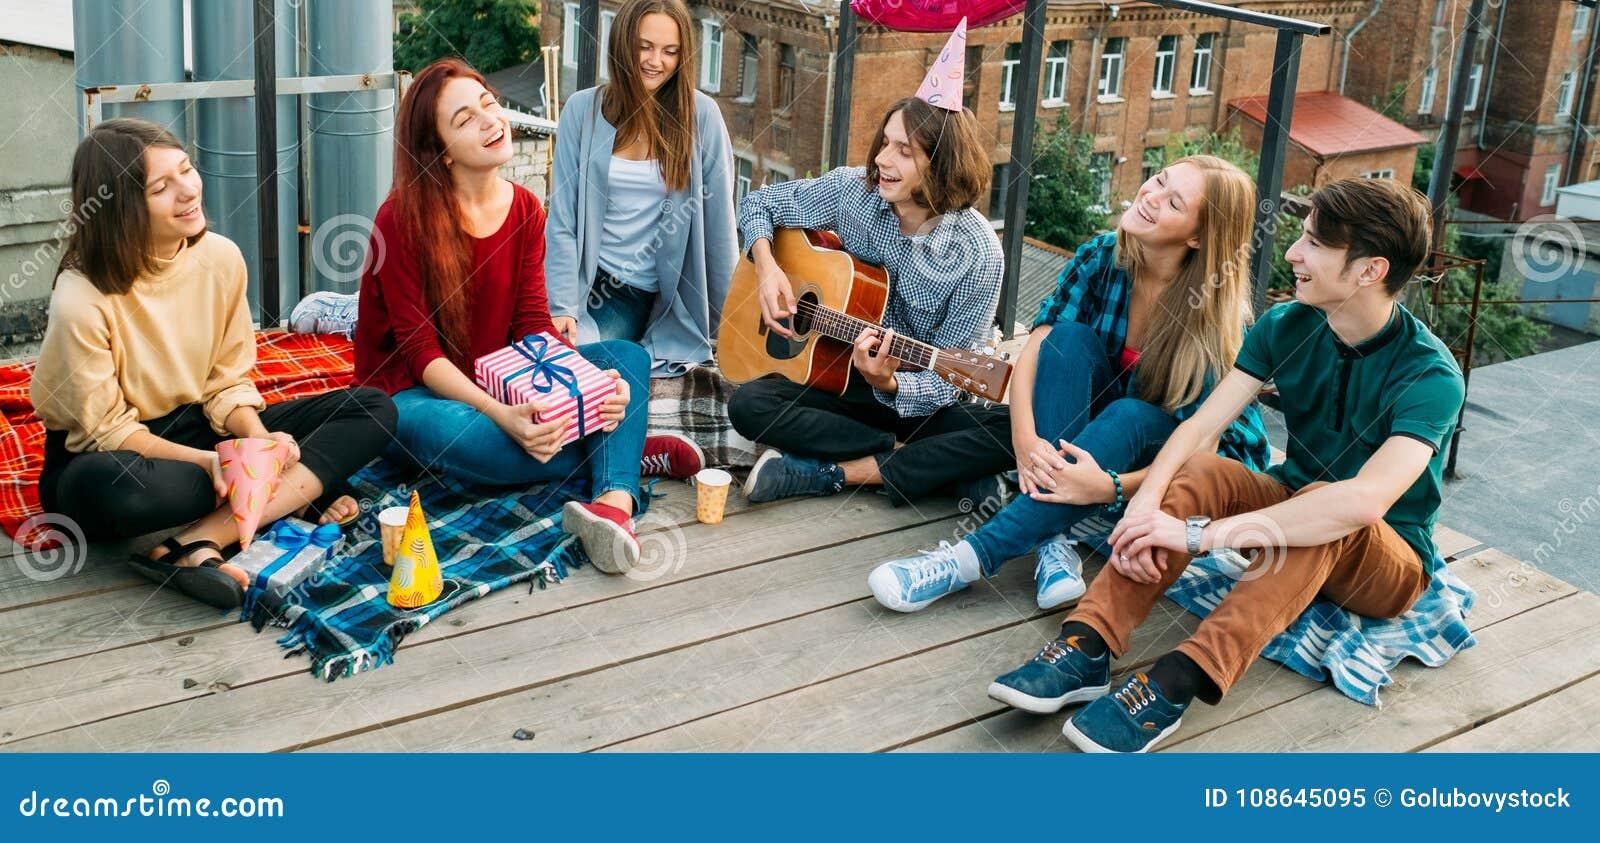 El ocio de la juventud despreocupado canta relaja la visión alternativa